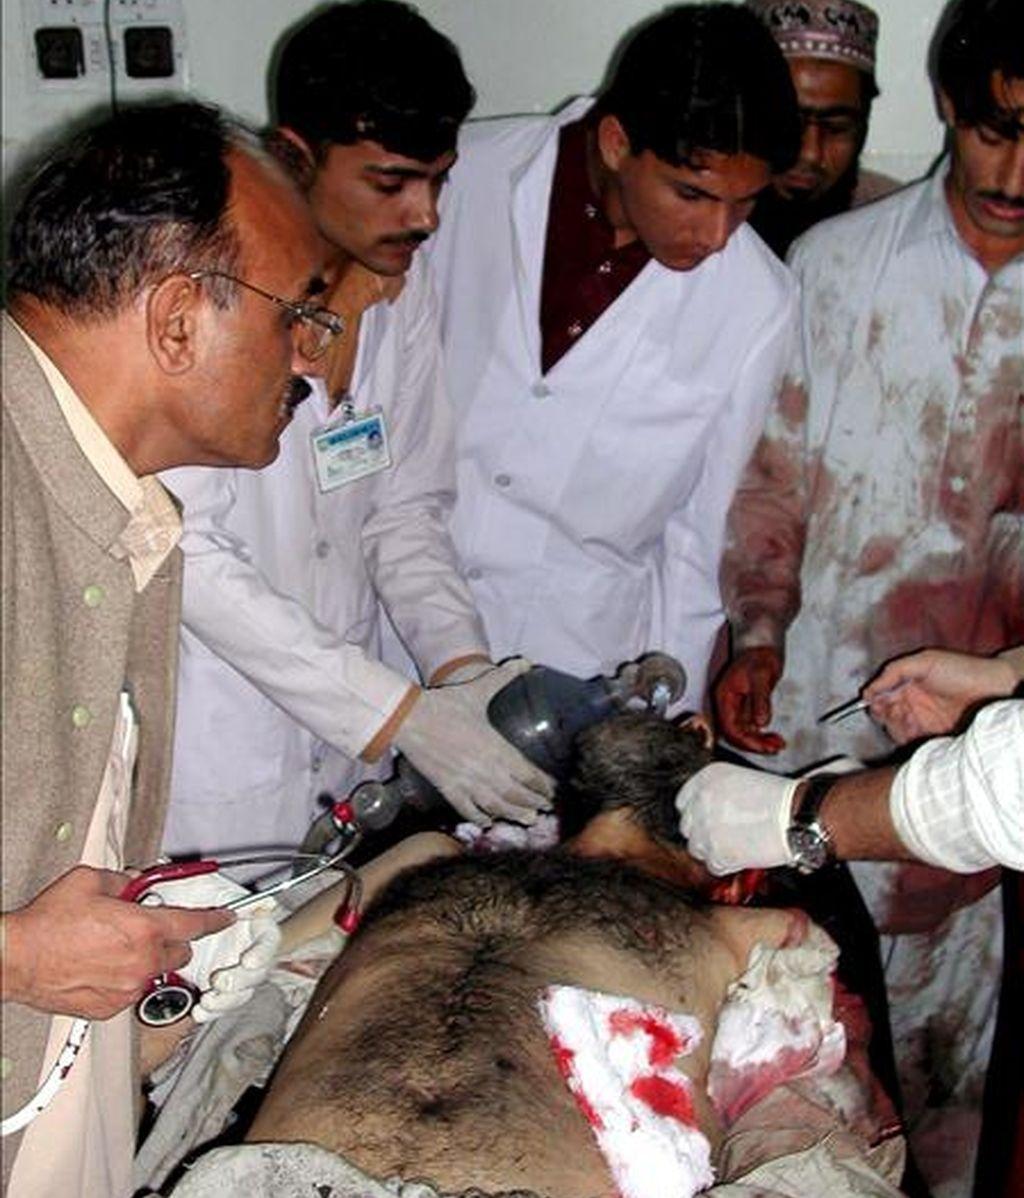 Uno de los heridos en un ataque suicida llevado a cabo en el centro policial de Tangi, provincia de Charsadda, recibe tratamiento médico en un hospital de Peshawar, capital de la Provincia de la Frontera del Noroeste (NWFP), Pakistán, el pasado 15 de abril. EFE